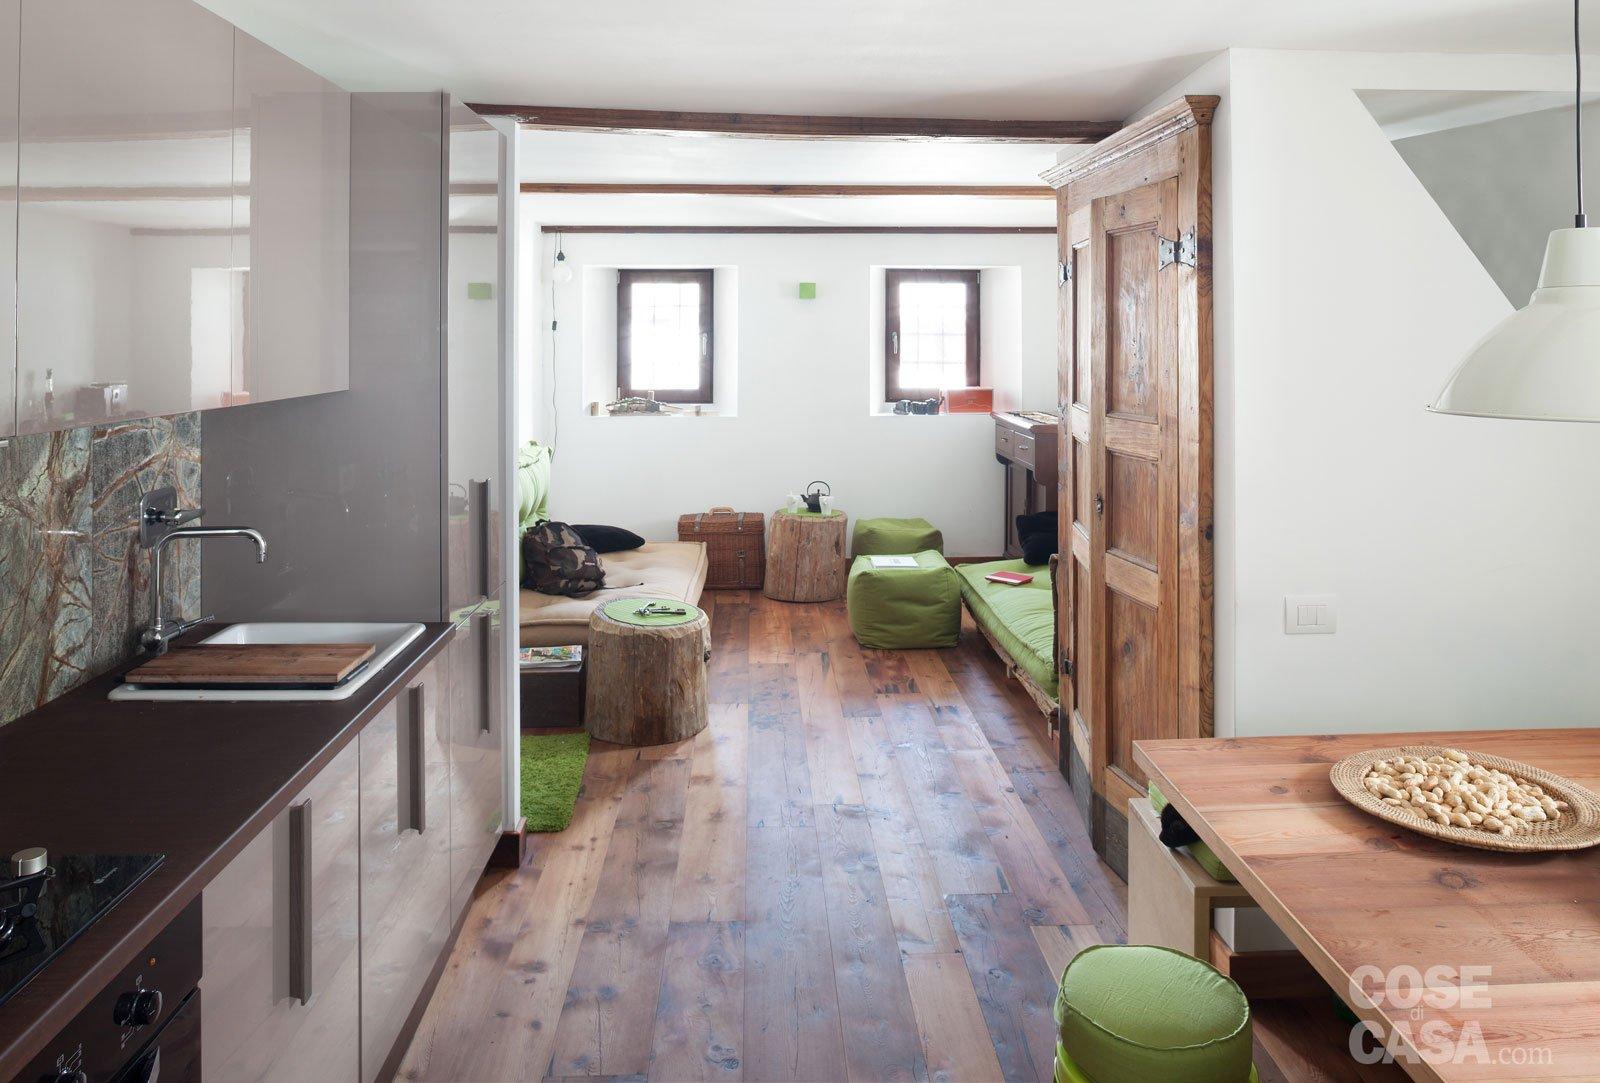 30 30 mq restauro di una tipica casa di montagna cose for Disegni di casa italiana moderna